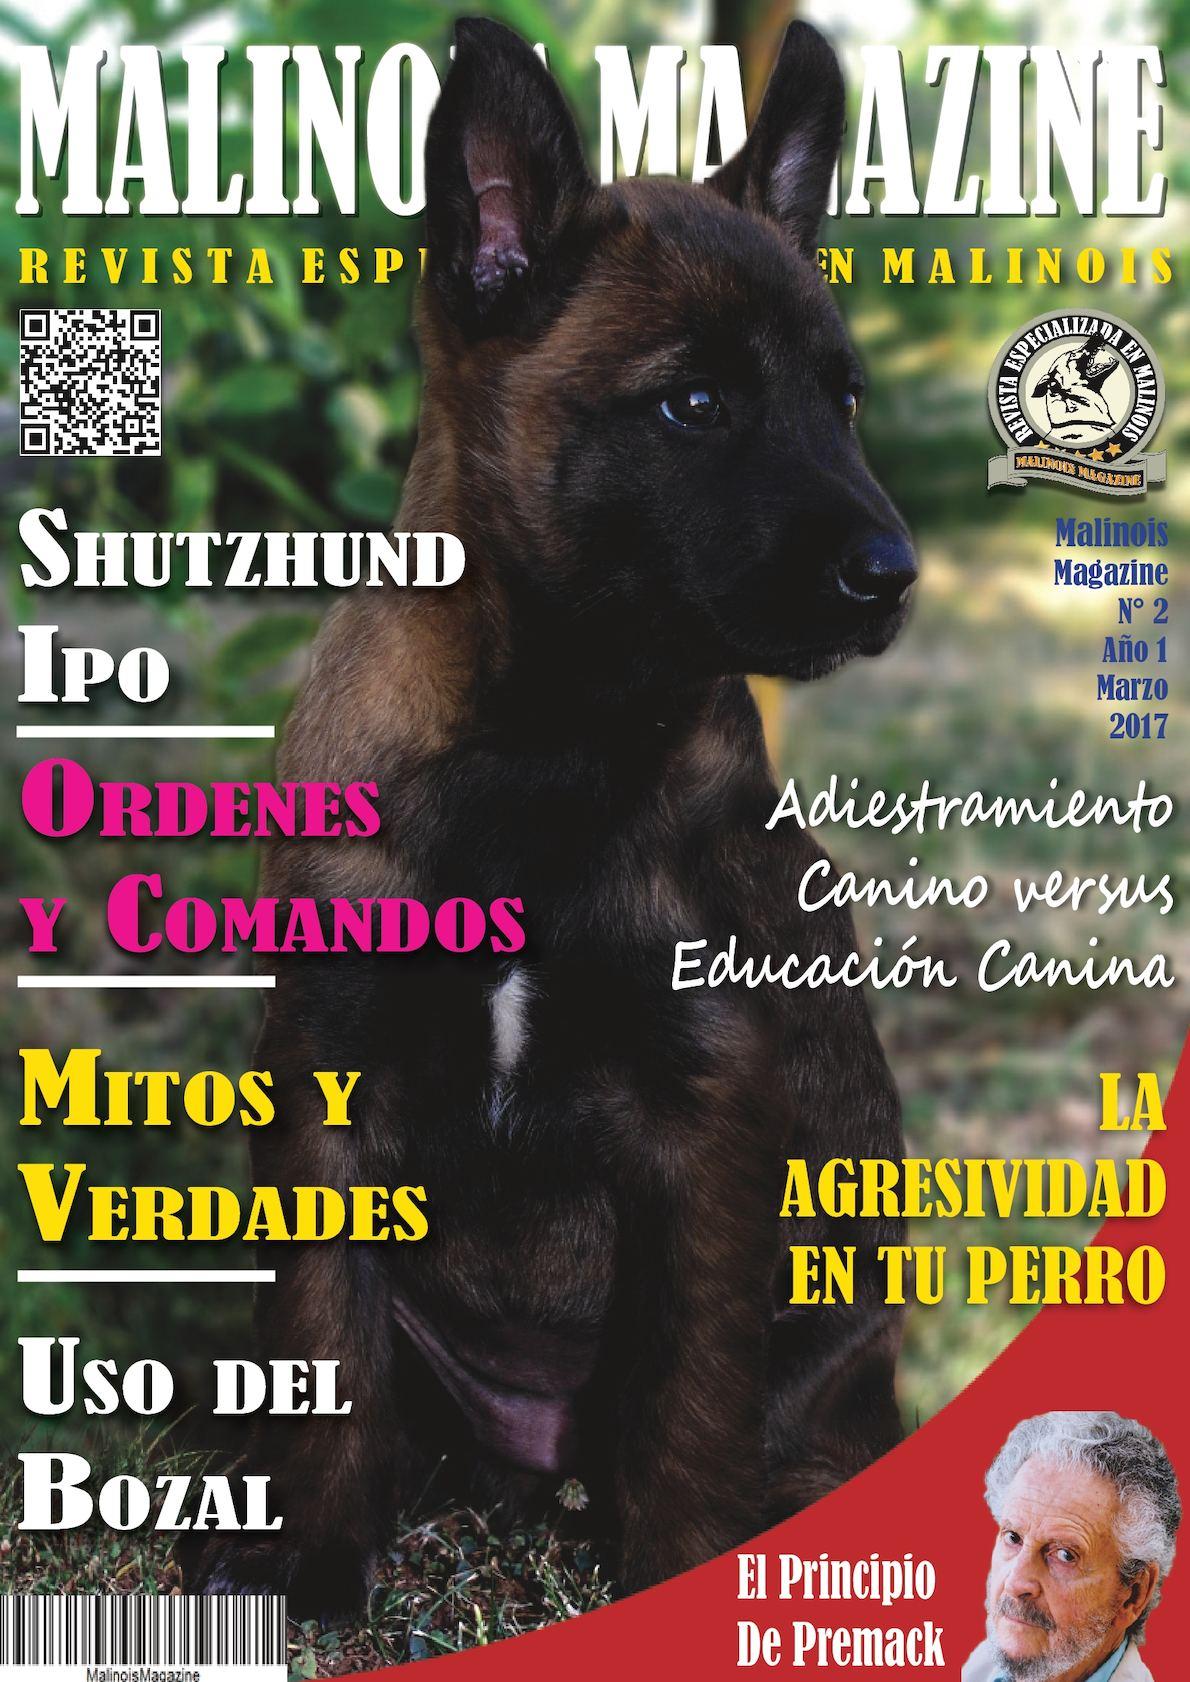 Malinois Magazine N° 2 Marzo 2017 pdf